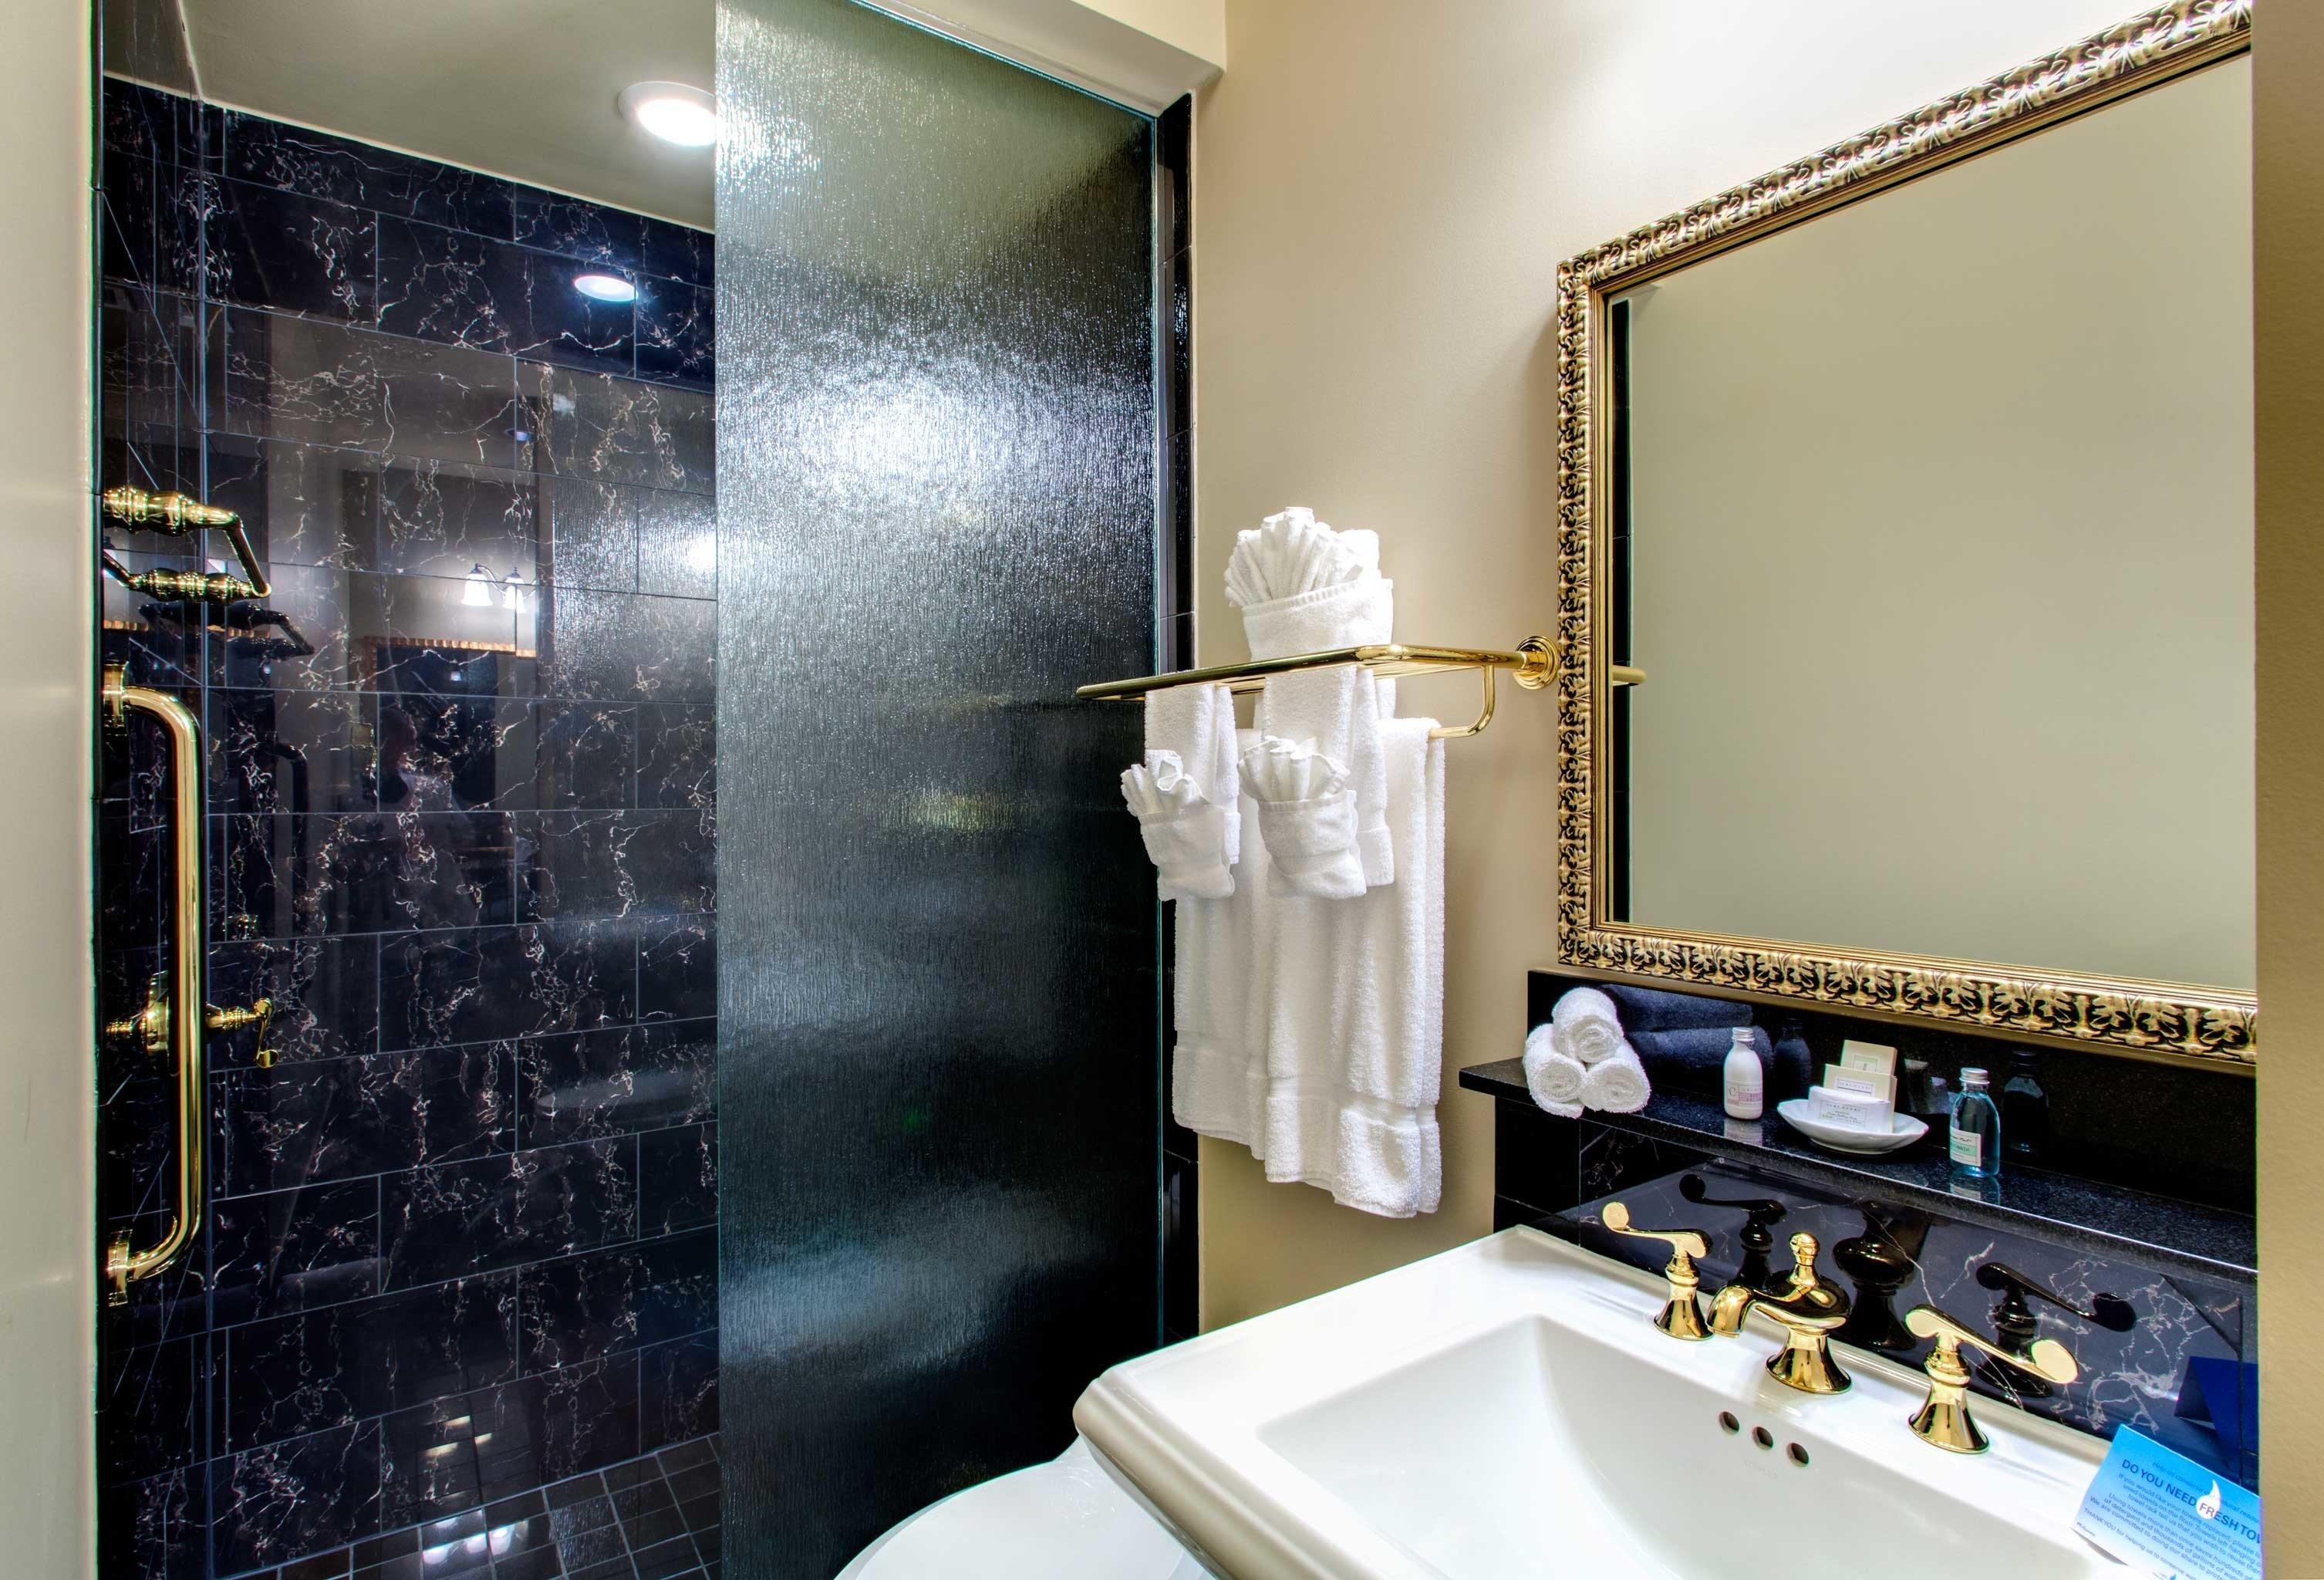 B&B Bath Cultural Drink Eat Entertainment Nightlife bathroom sink mirror towel shower vanity Suite plumbing fixture tub bathtub clean tile